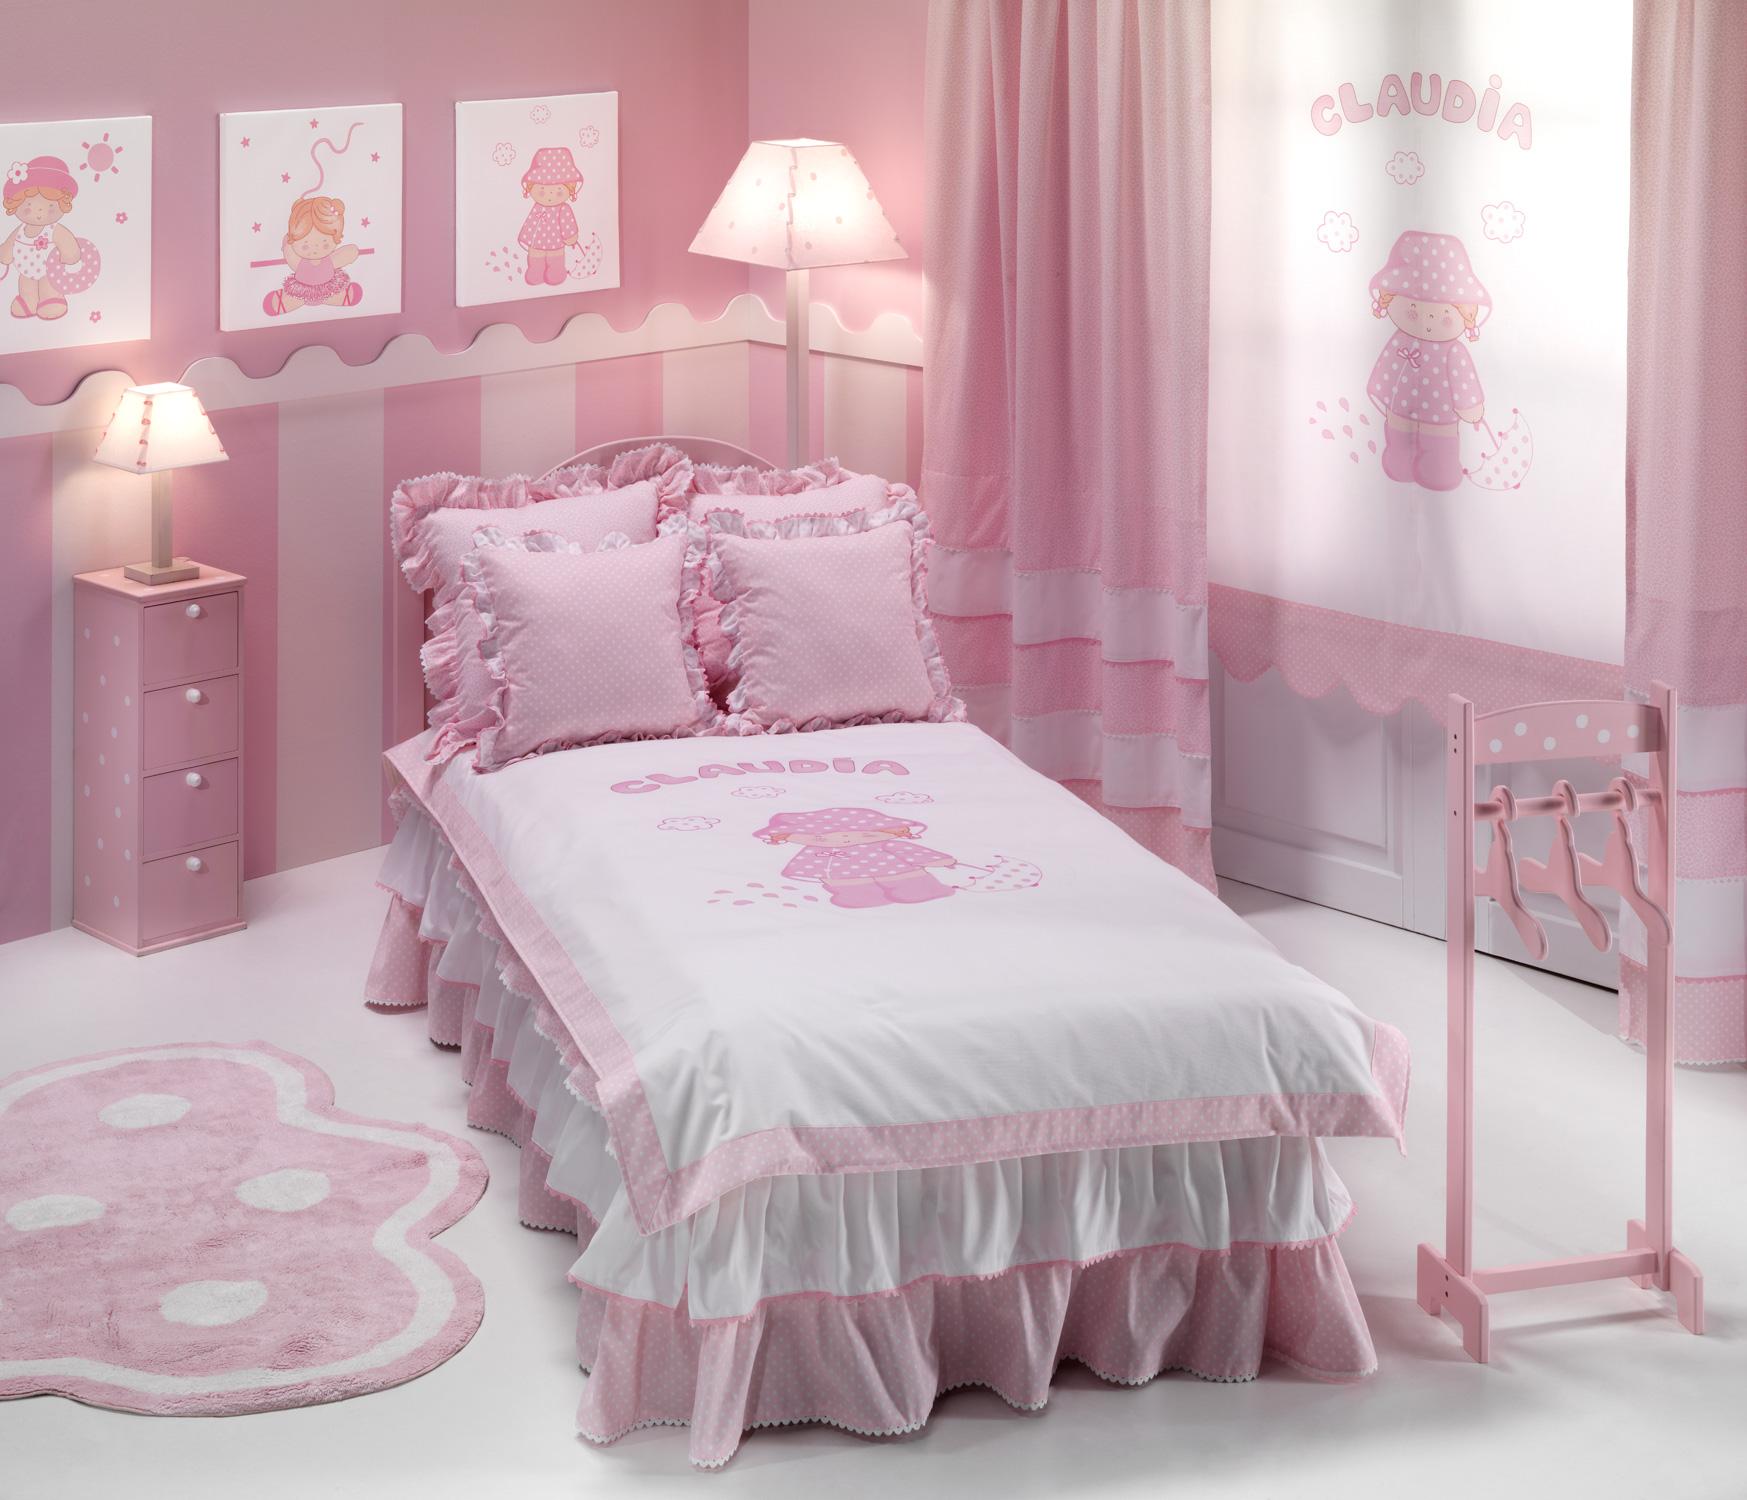 Habitaciones personalizadas para los m s peques villalba for Camas con cortinas